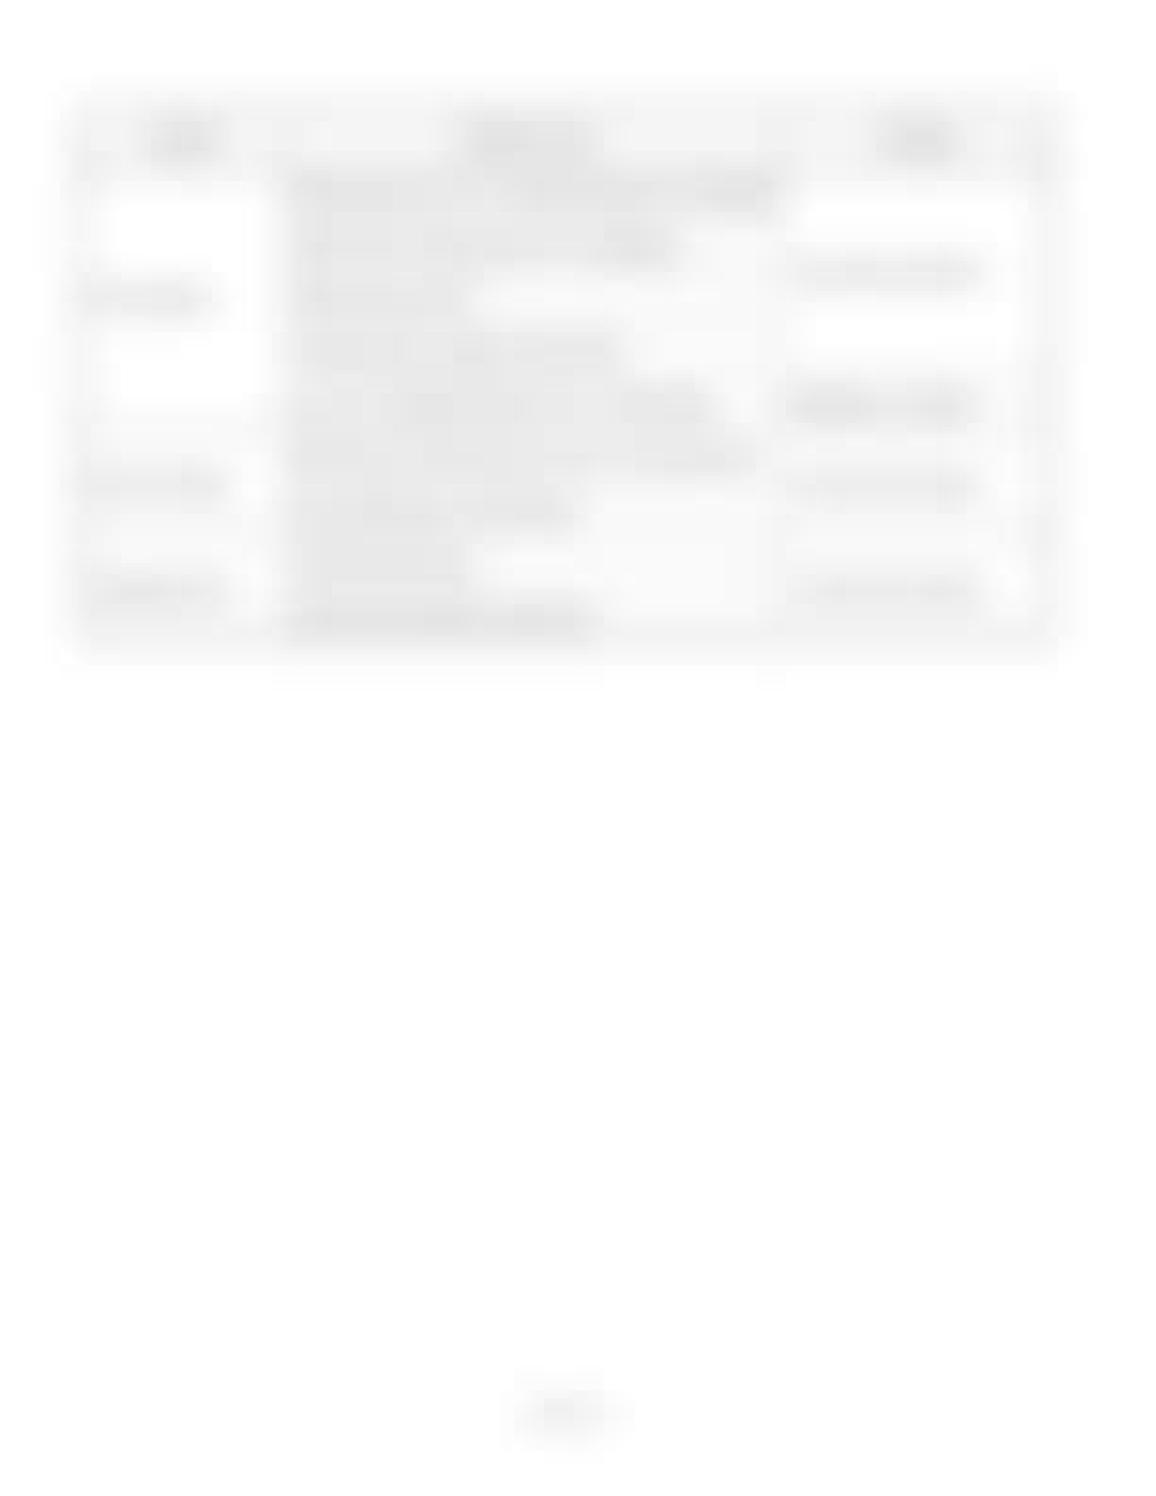 Hitachi LX110-7 LX130-7 LX160-7 LX190-7 LX230-7 Wheel Loader Workshop Manual - PDF DOWNLOAD page 252